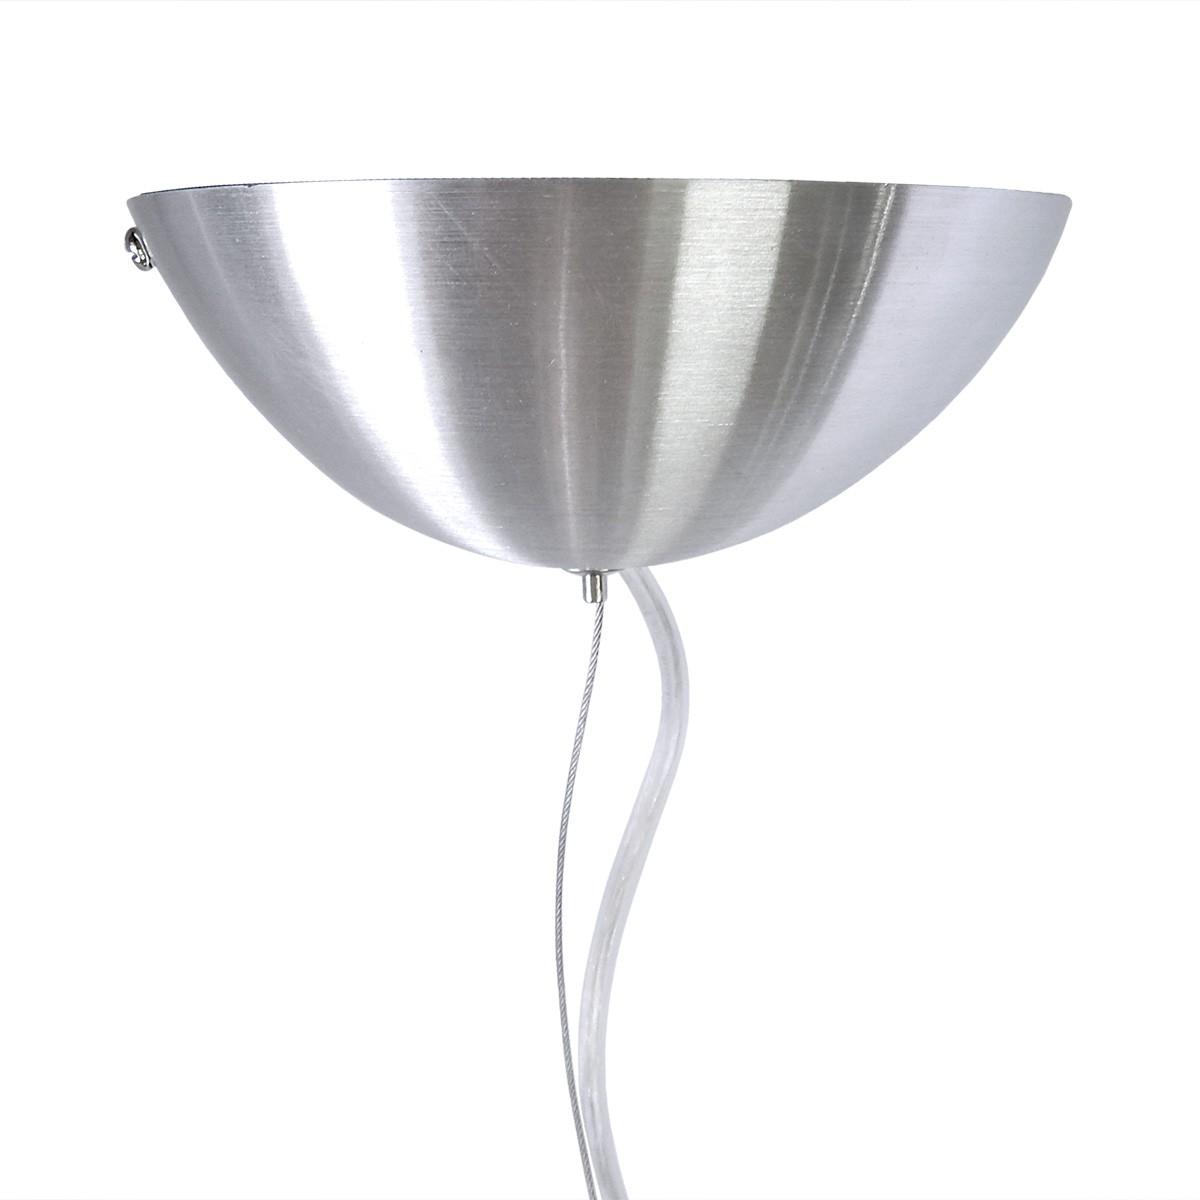 Pendente Trio Aluminio+Vidro Triangular Fosco E-27 1 Lamp. Max 60w Branco